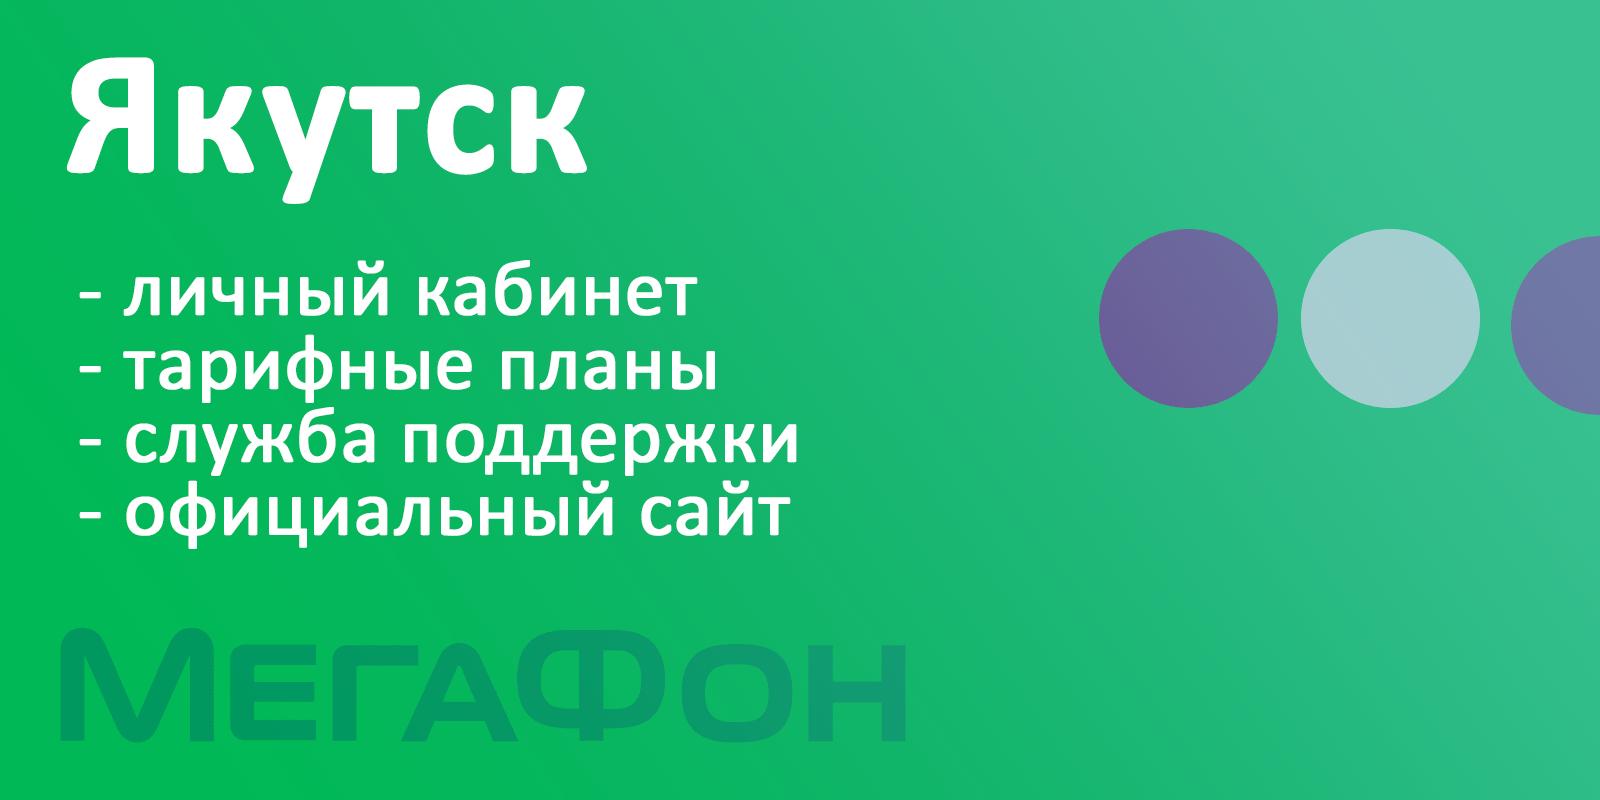 Мегафон Якутск официальный сайт, тарифы, служба поддержки